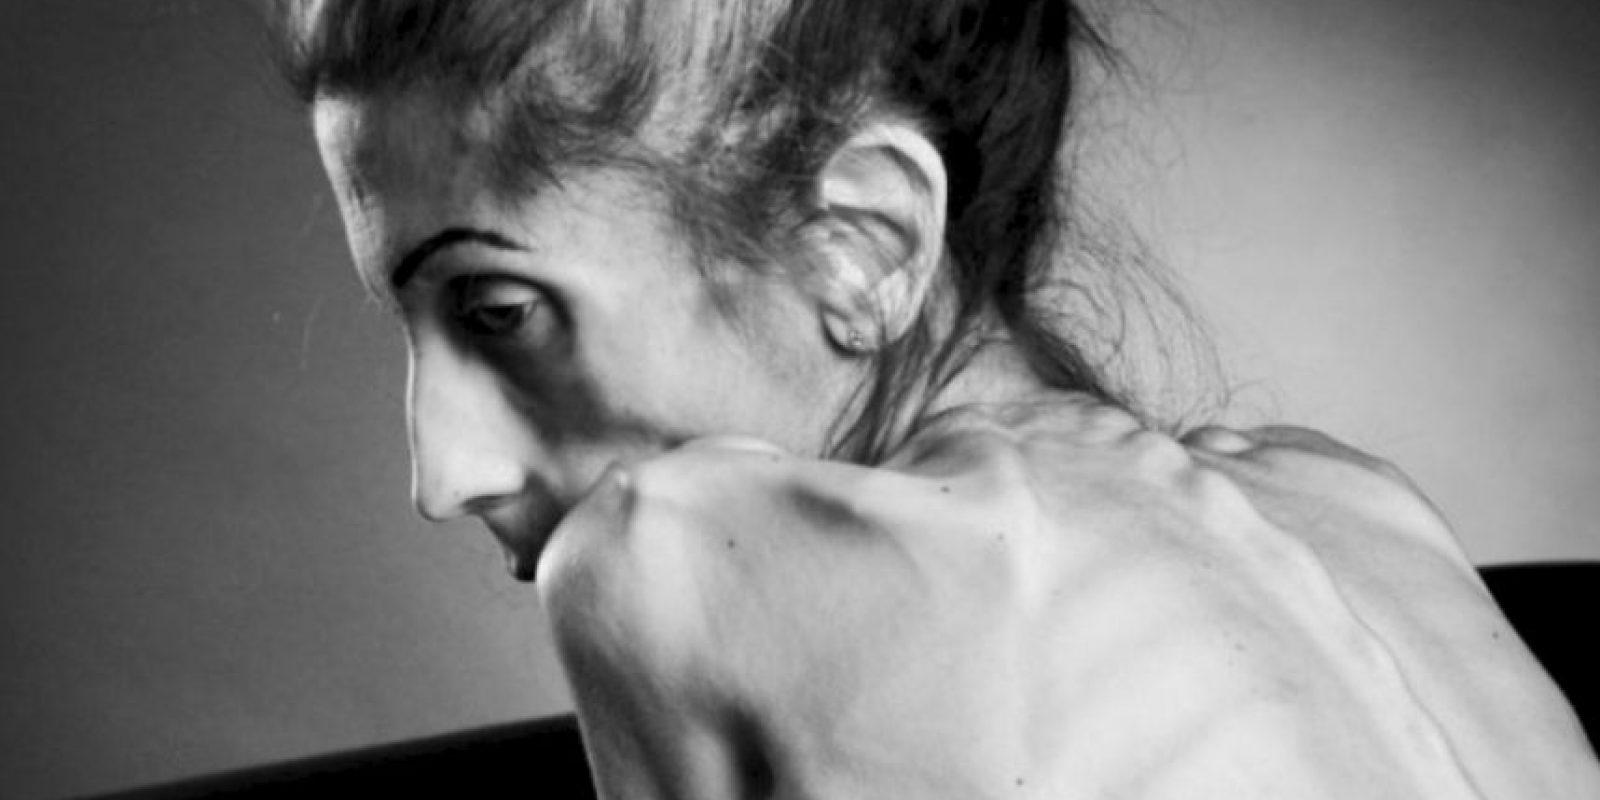 Ella suplicaba por atención médica, pues su tratamiento debía ser especializado. Foto: Vía gofundme.com/savemyrachael